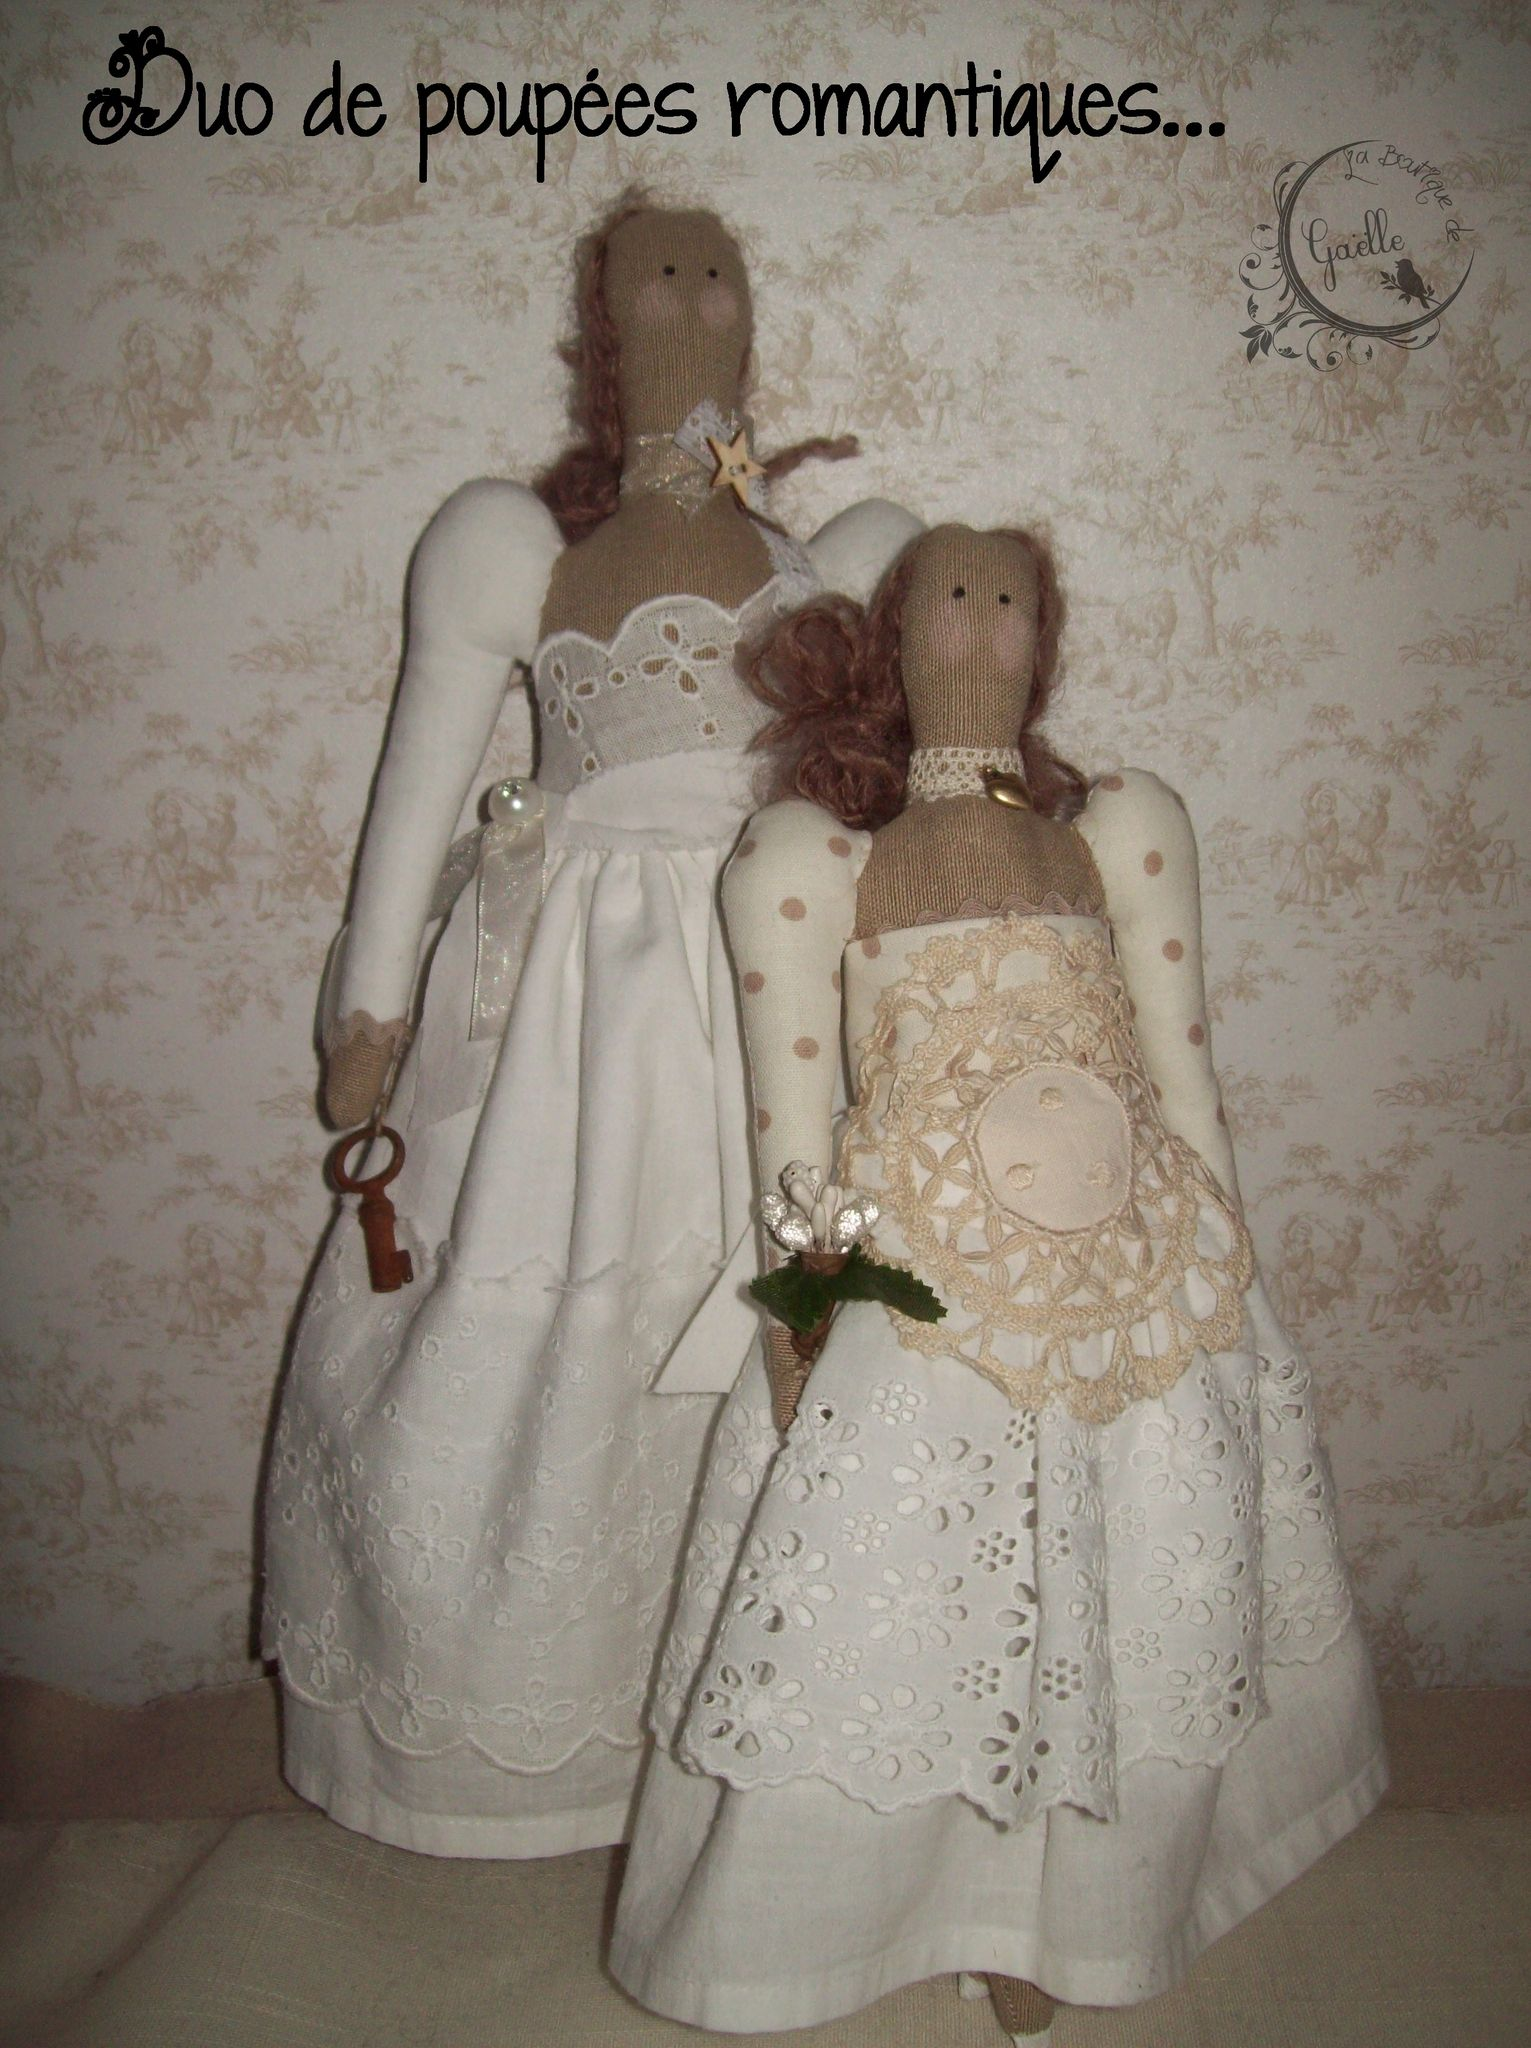 Duo de poupées romantiques...